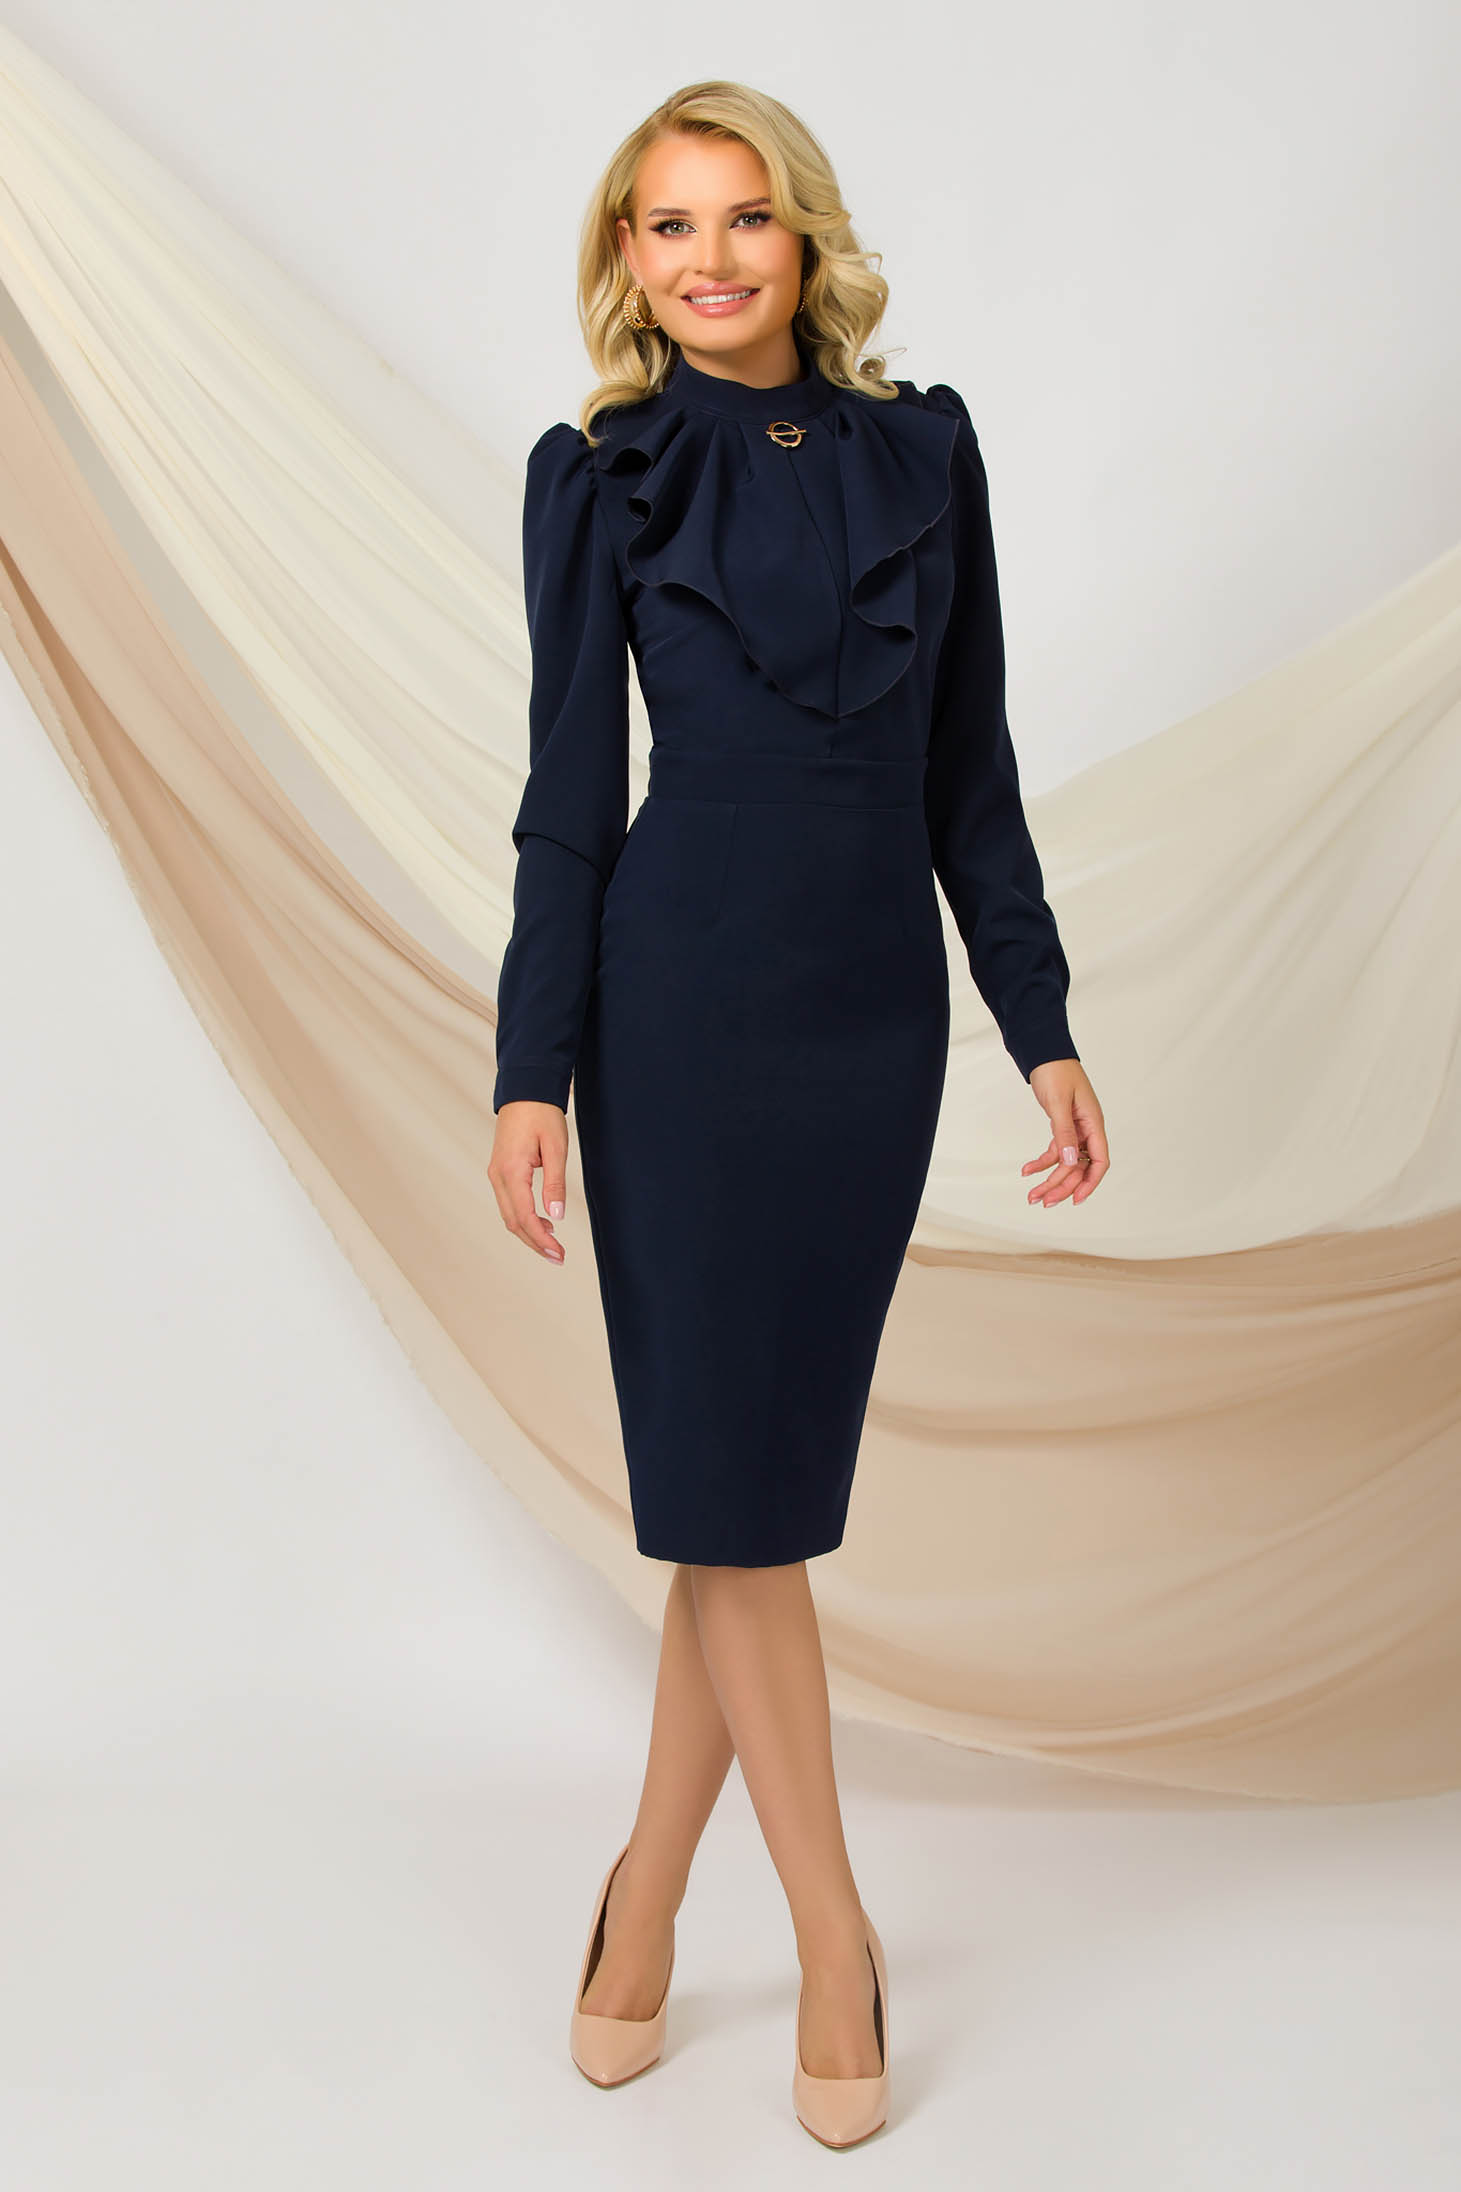 Rochie PrettyGirl albastru-inchis office midi tip creion din material subtire si usor elastic accesorizata cu brosa la guler